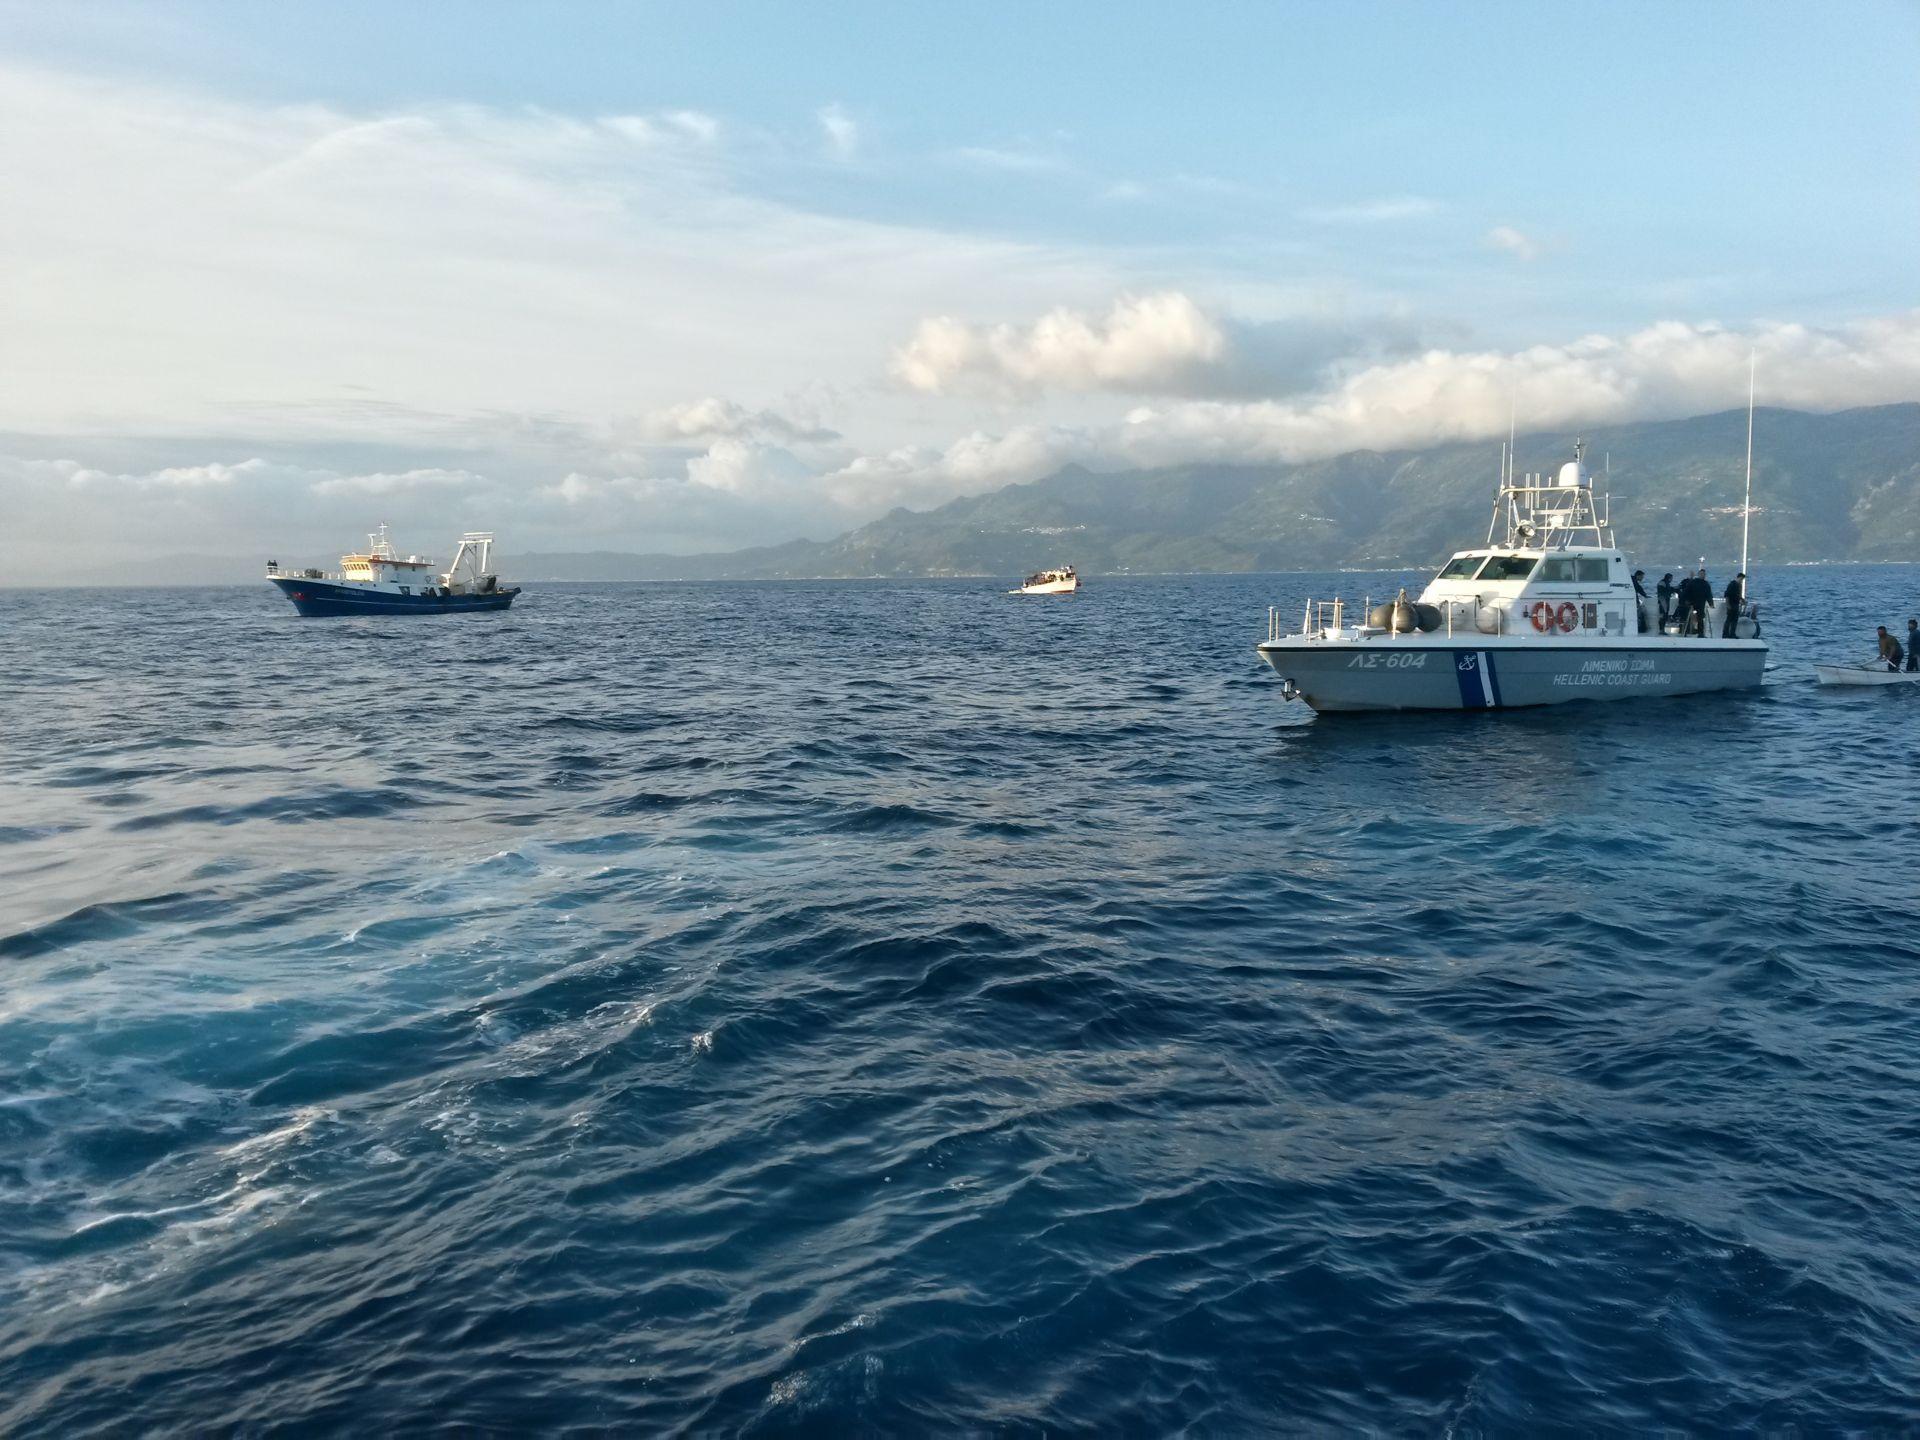 Κεφαλονιά: Εντοπίστηκε σκάφος με 31 μετανάστες – Συνελήφθησαν οι δυο διακινητές